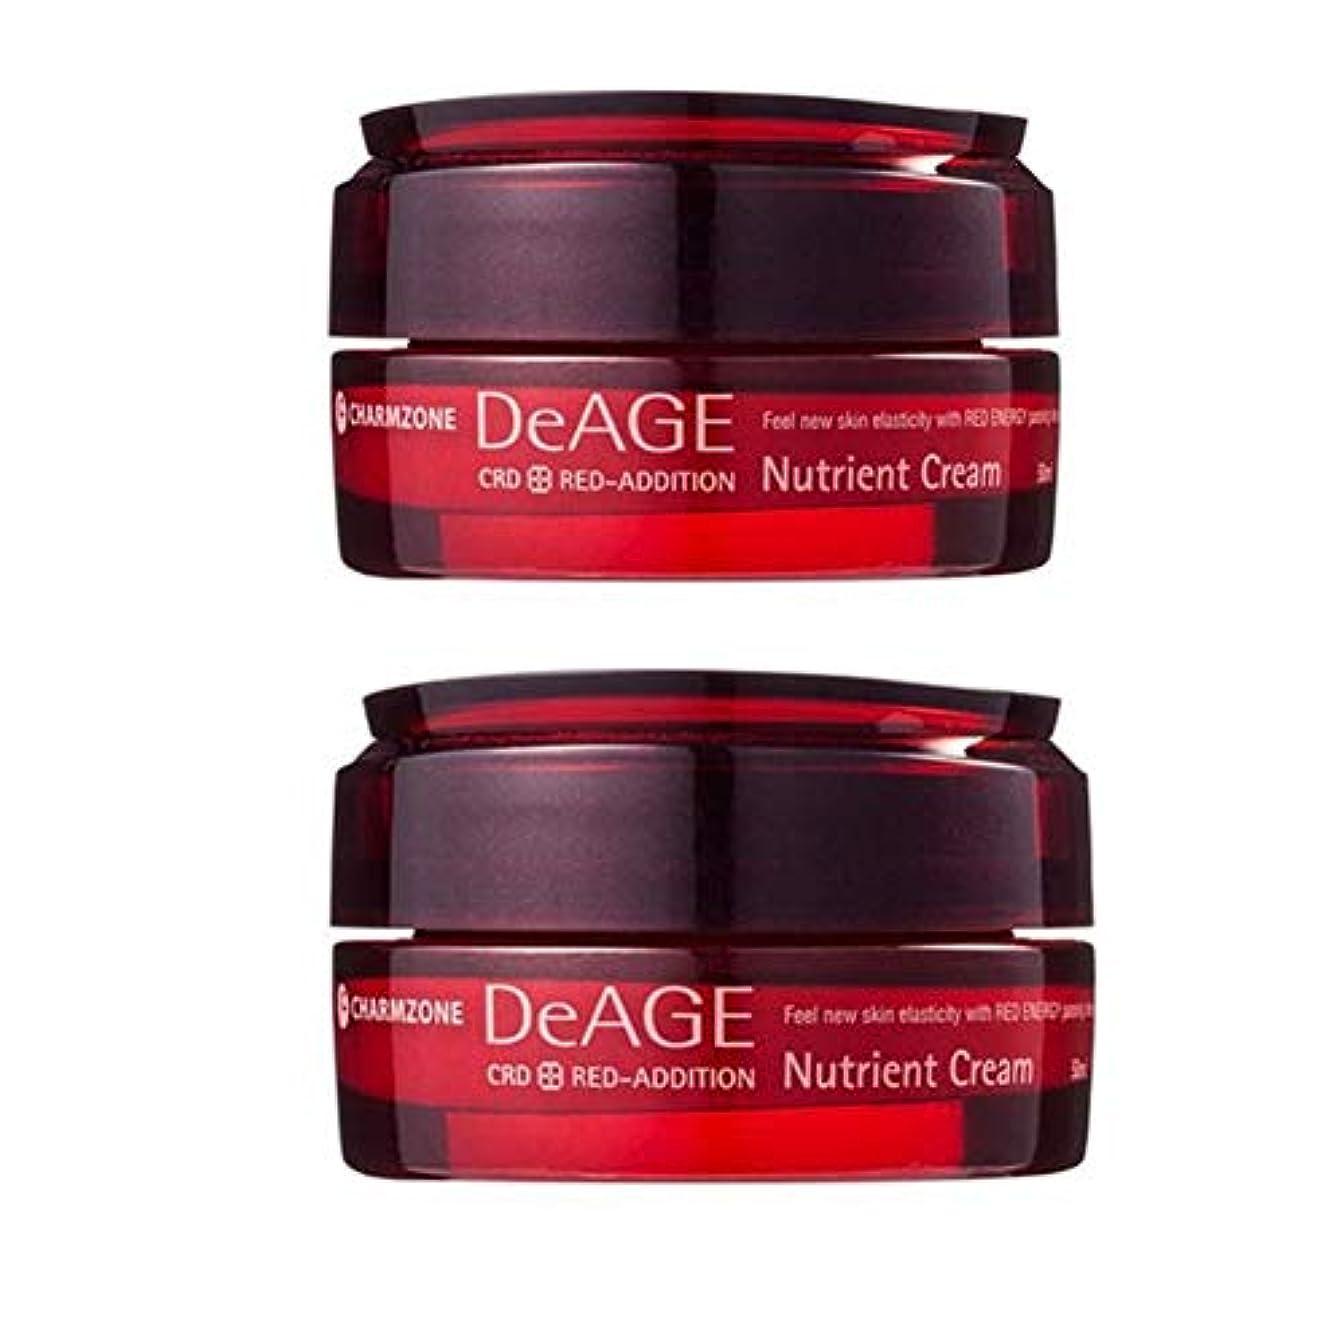 付添人深遠バケットチャムジョンディエイジレッドエディションニュトゥリオントゥクリーム50ml x 2本セット 栄養クリーム, Charmzone DeAGE Red-Addition Nutrient Cream 50ml x 2ea Set [並行輸入品]